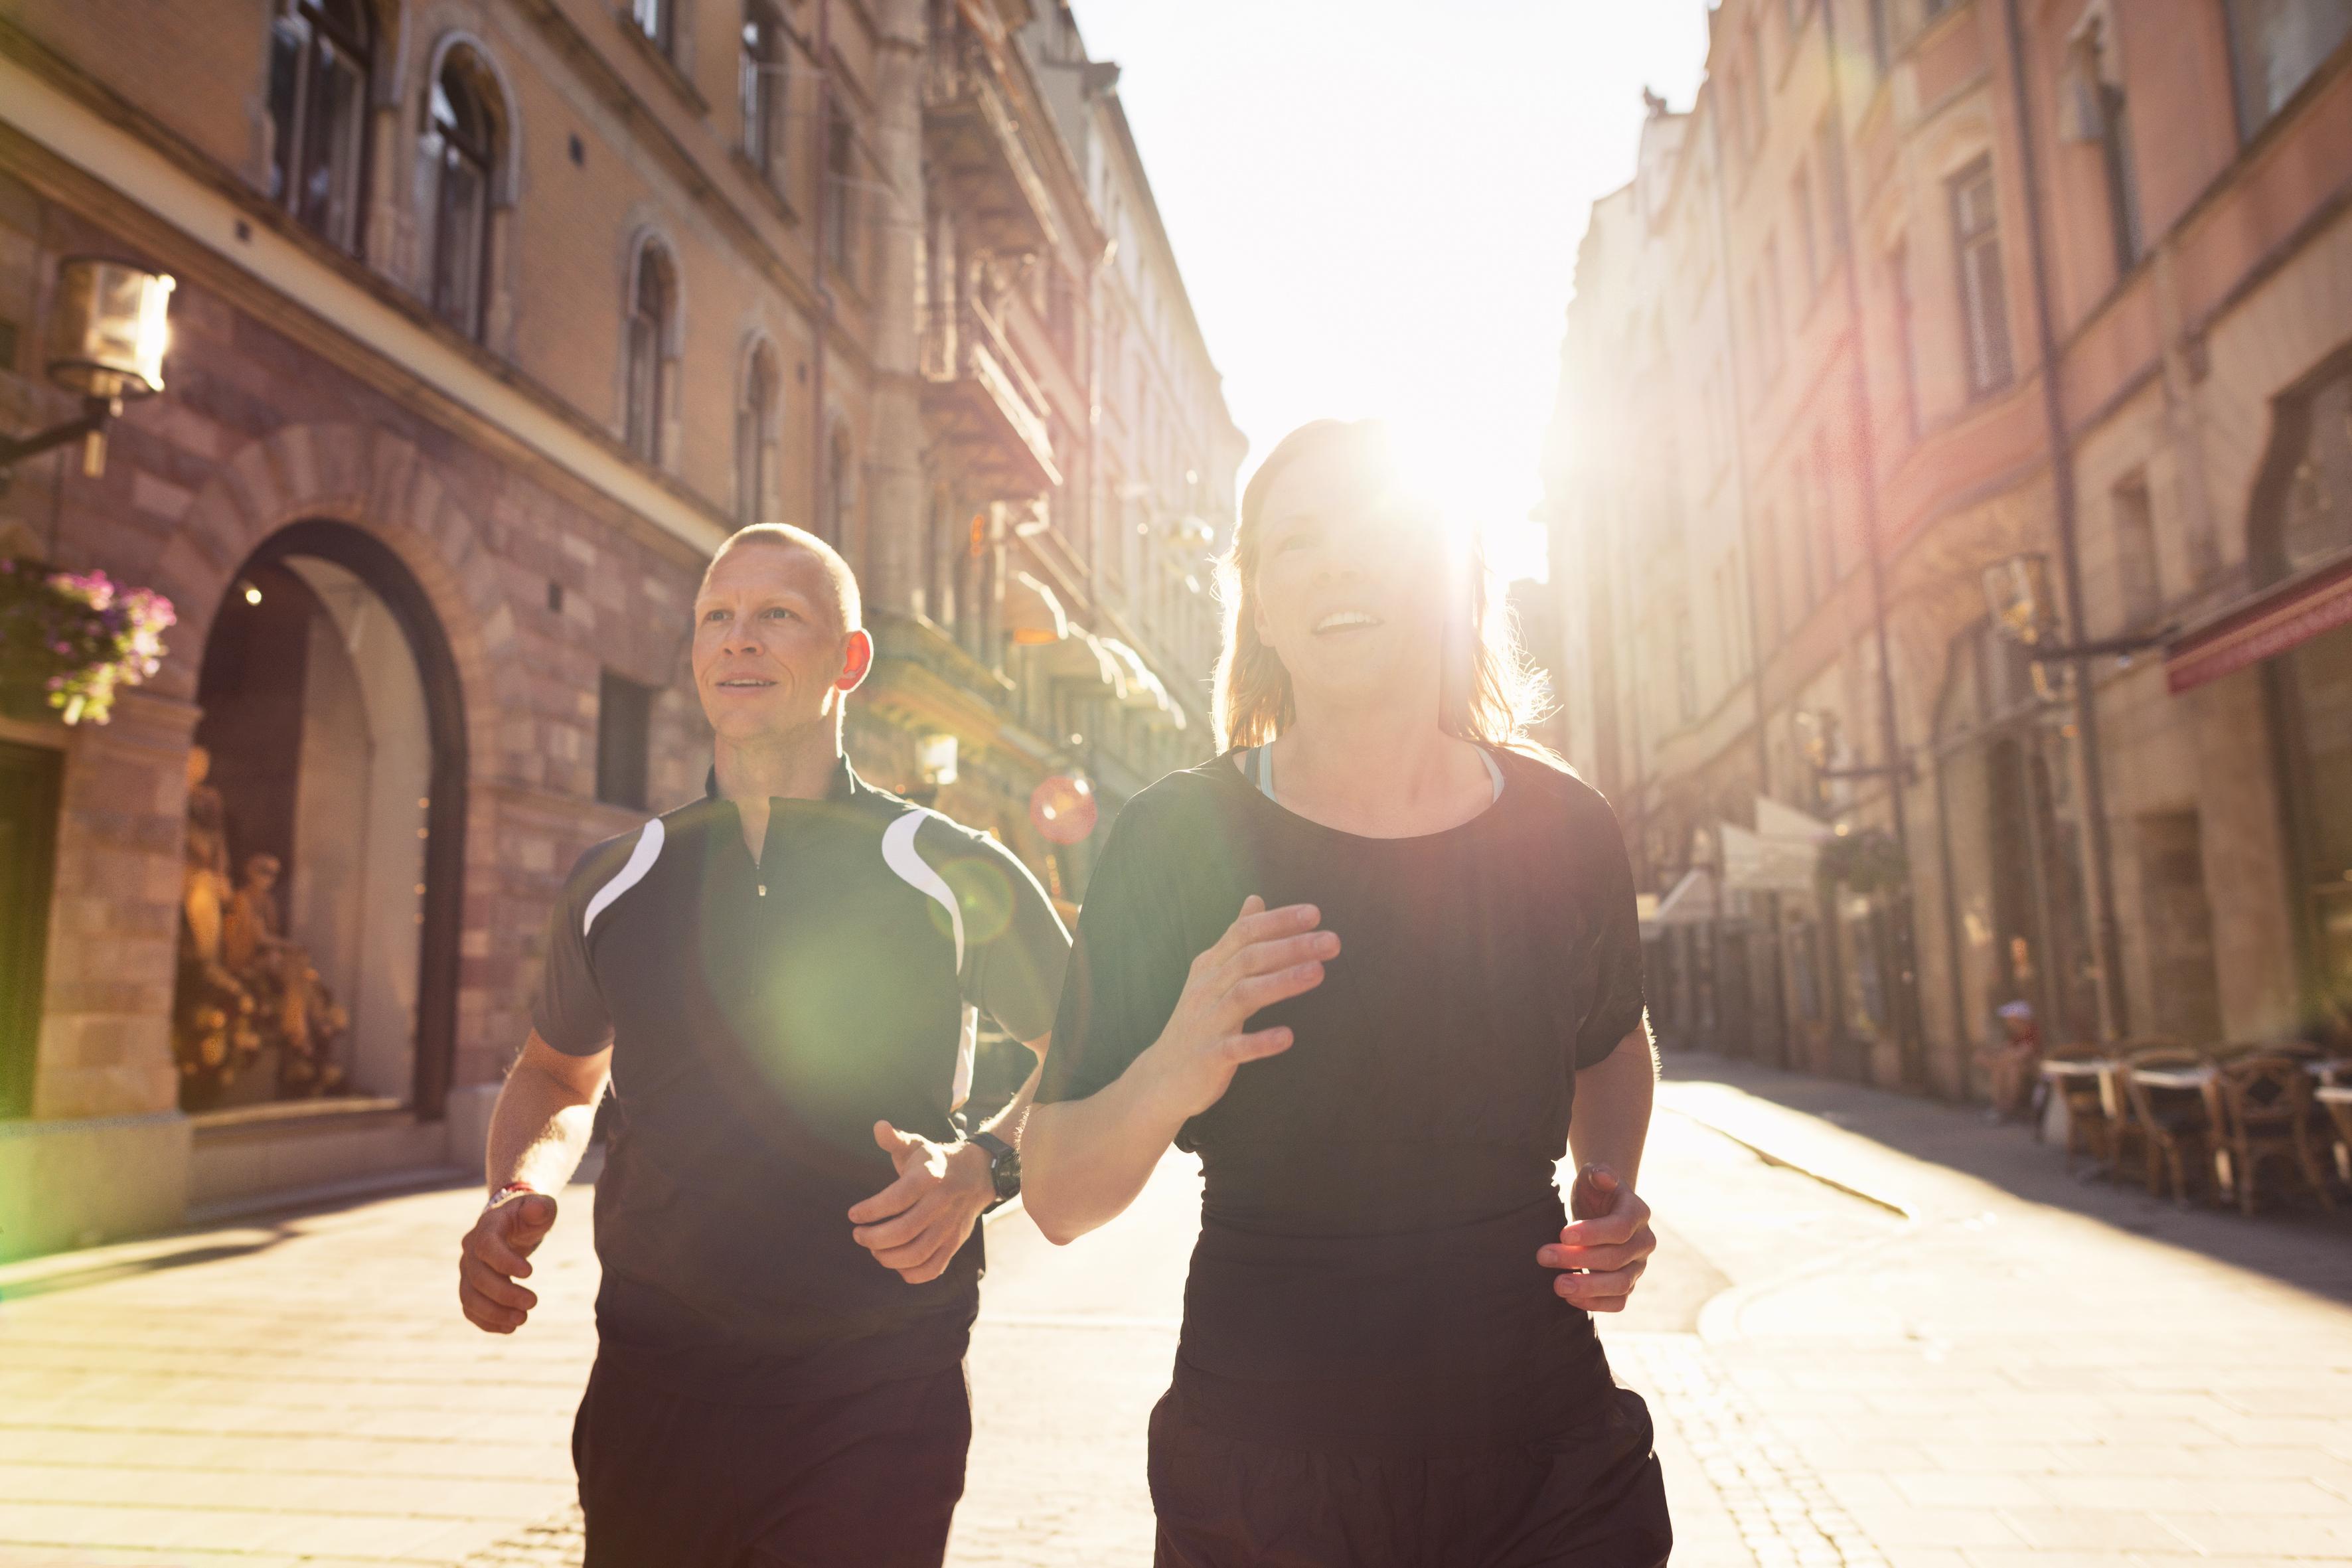 nainen ja mies kadulla. Aurinko paistaa taustalla.